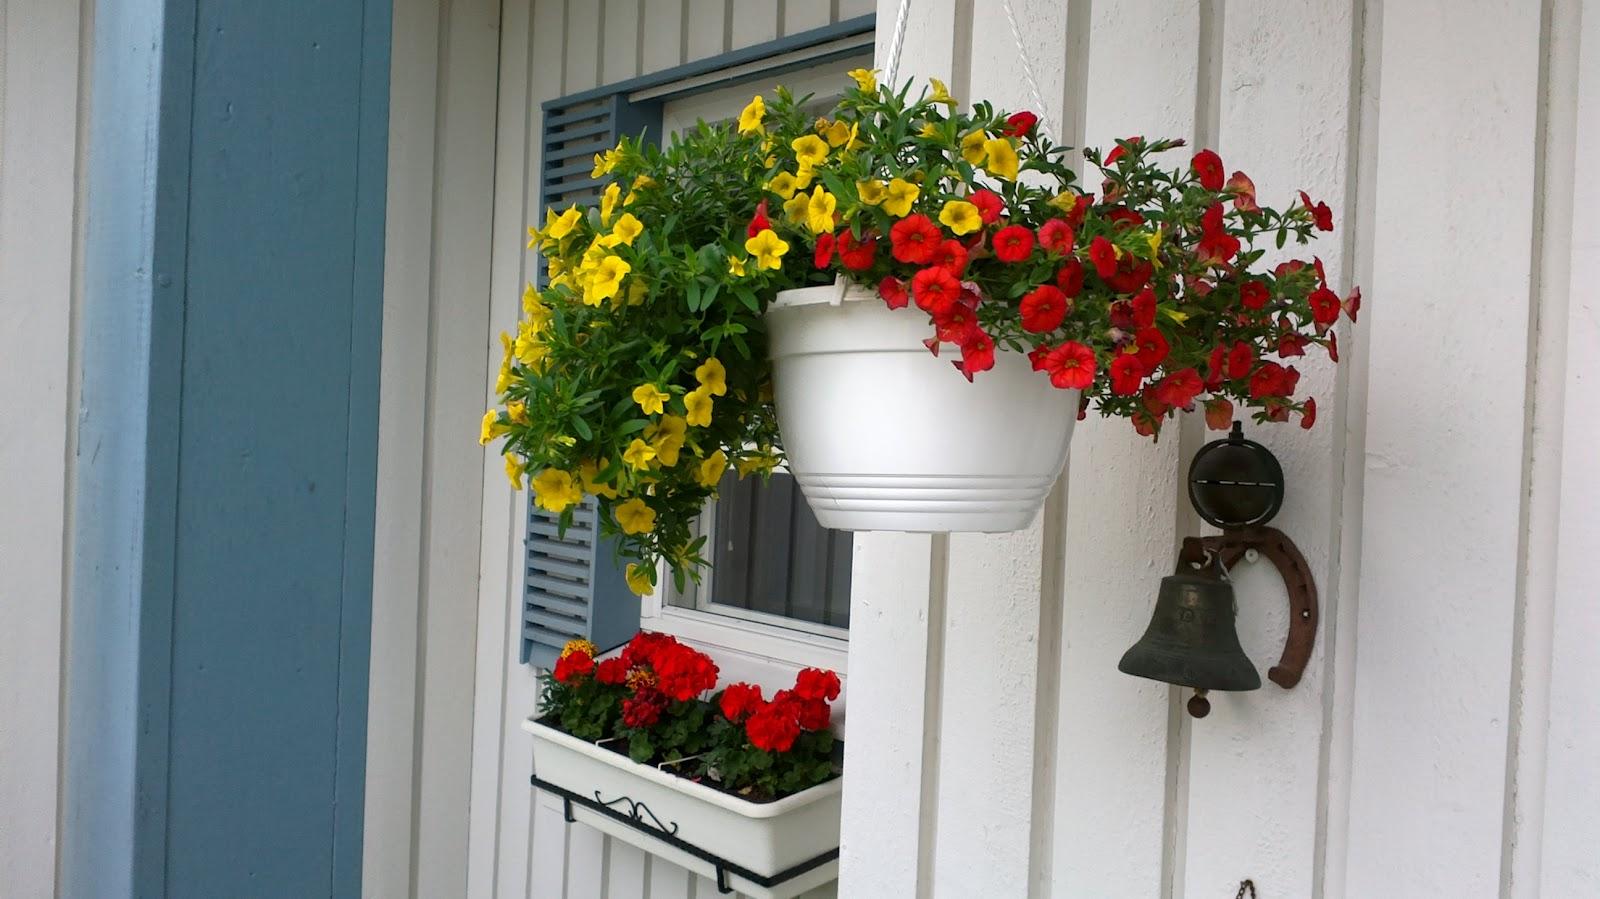 Koko päivä puutarhatöissä – Gardening the whole day